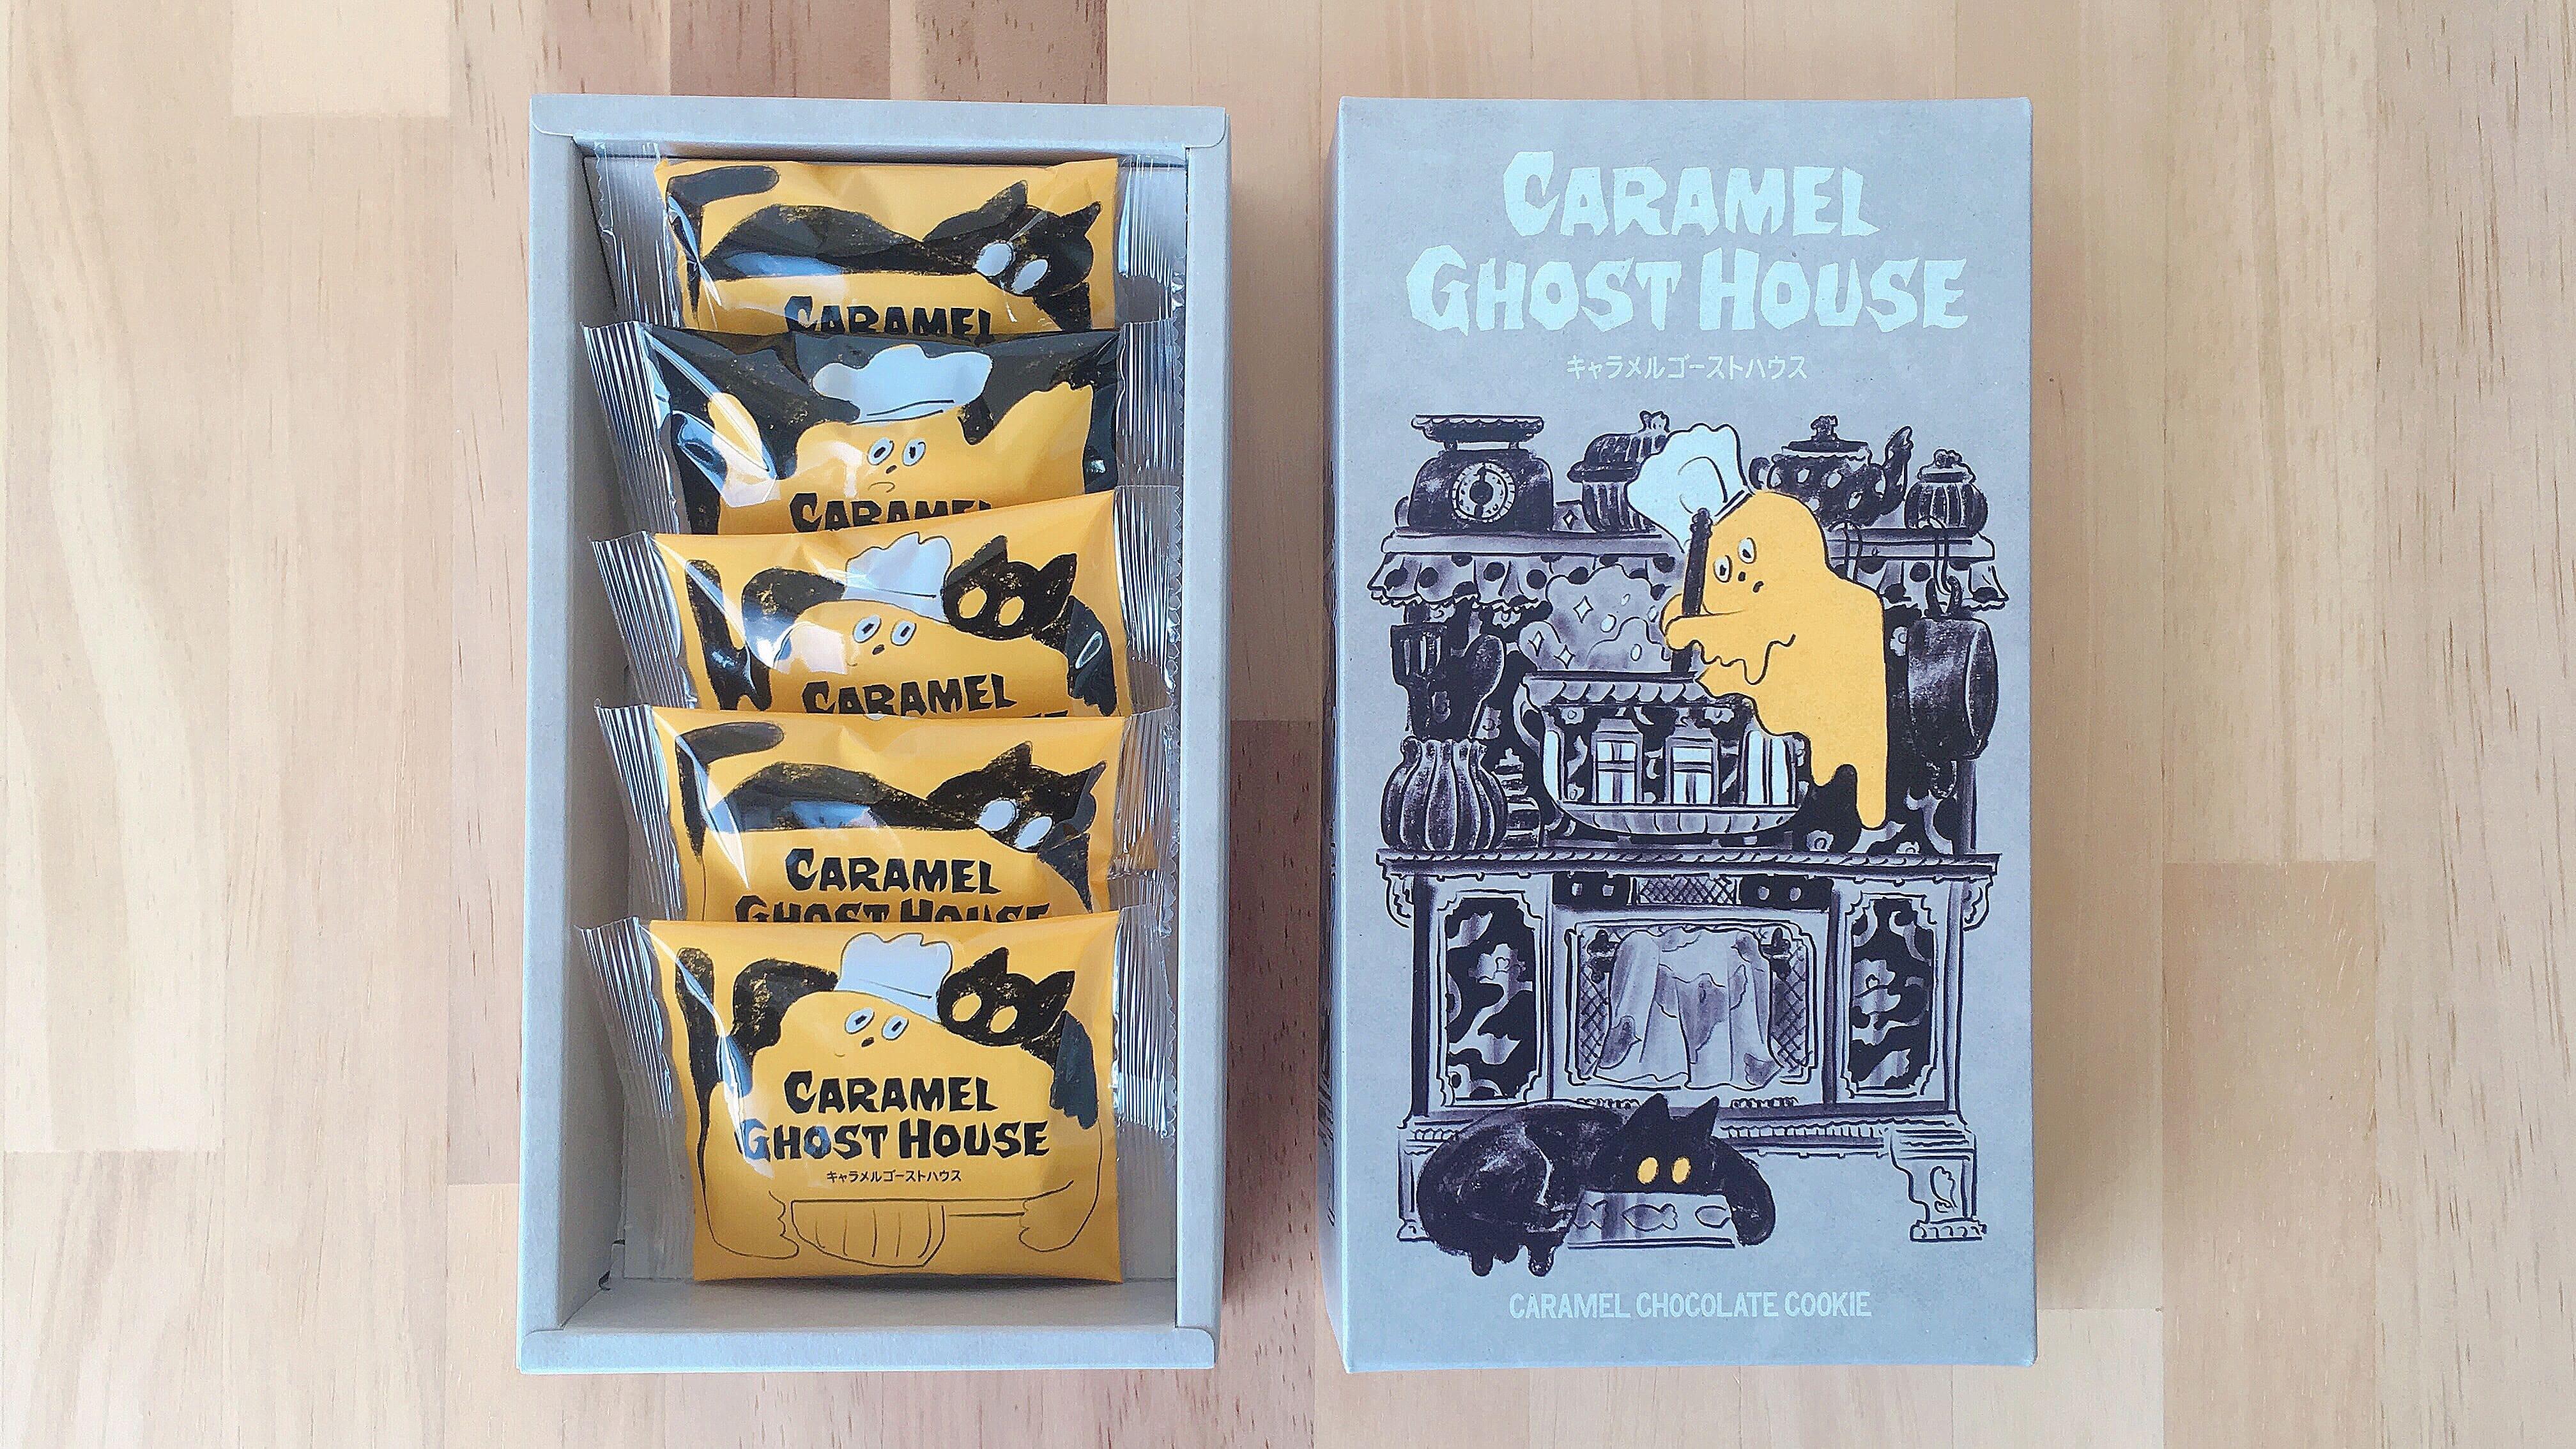 かわいい東京土産のキャラメルゴーストハウスのキャラメルチョコレートクッキーの個包装パッケージ